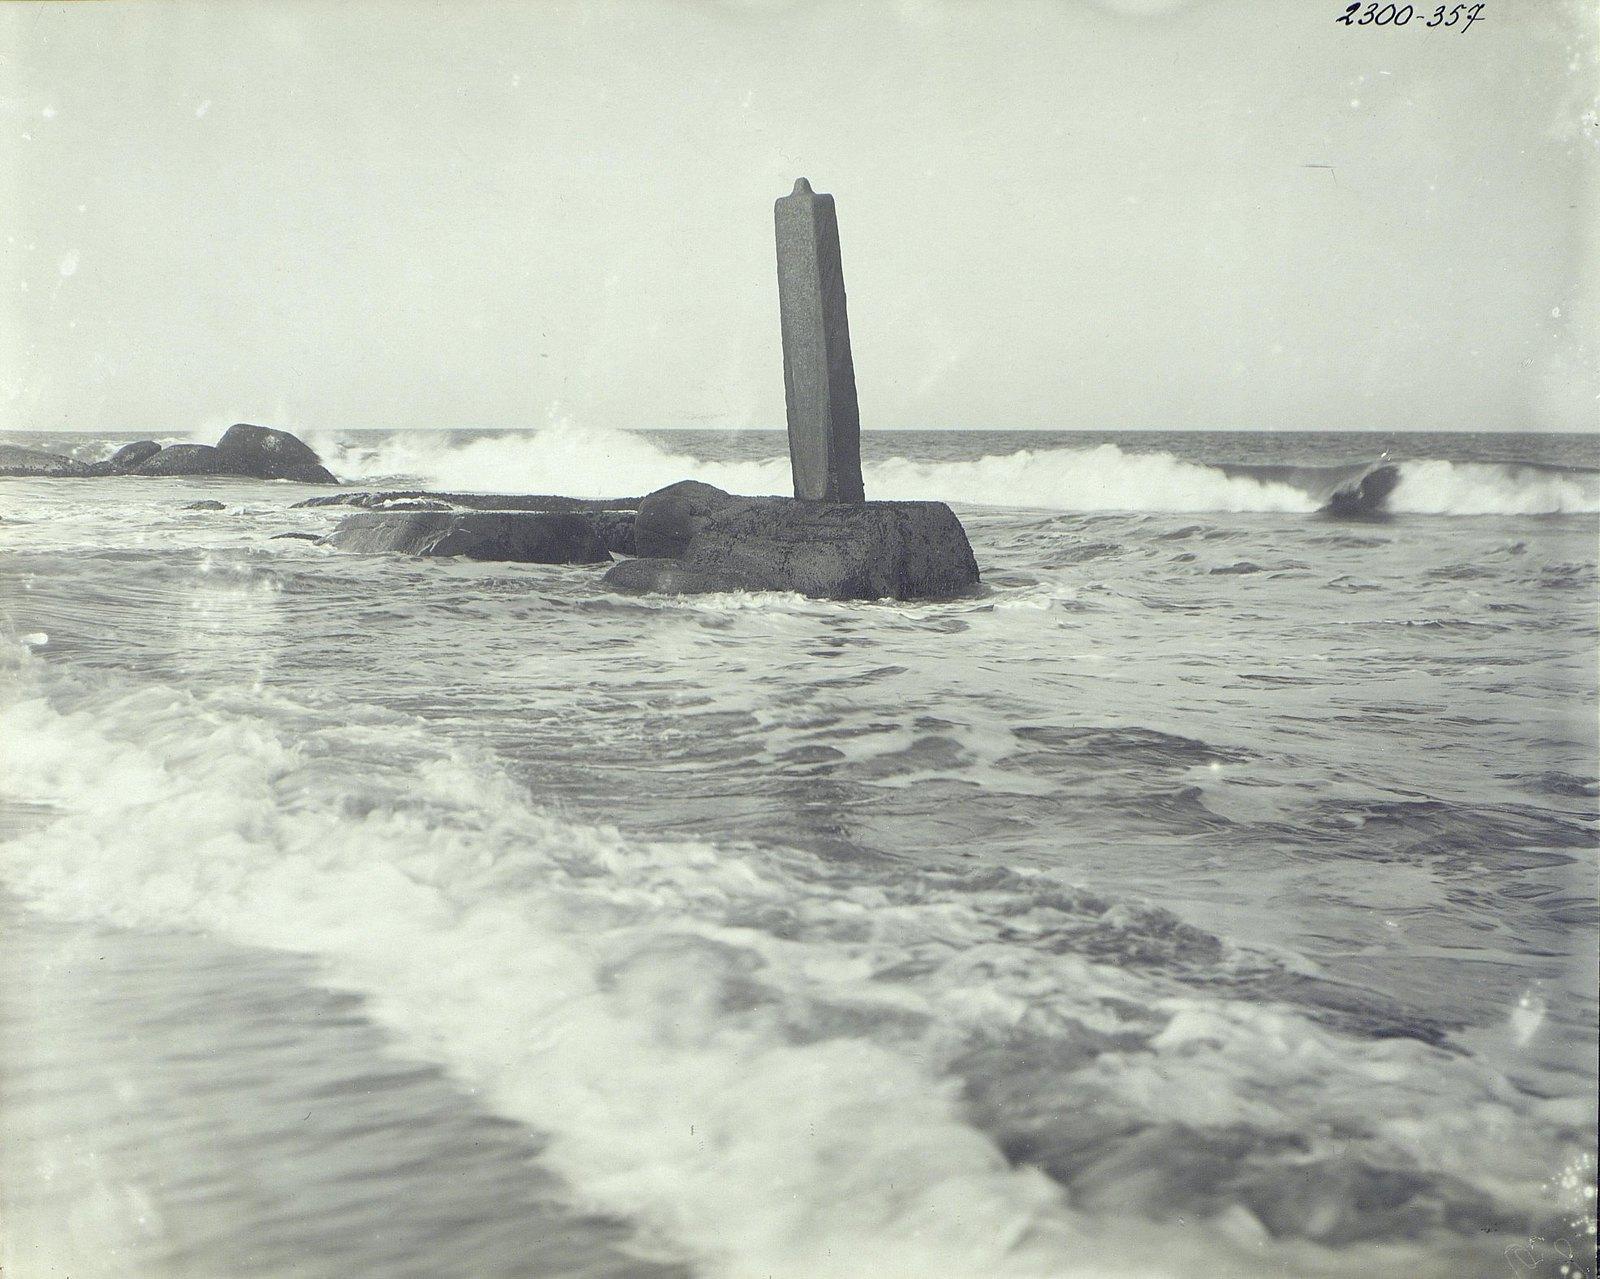 Мамаллапур (стела на скале в море)